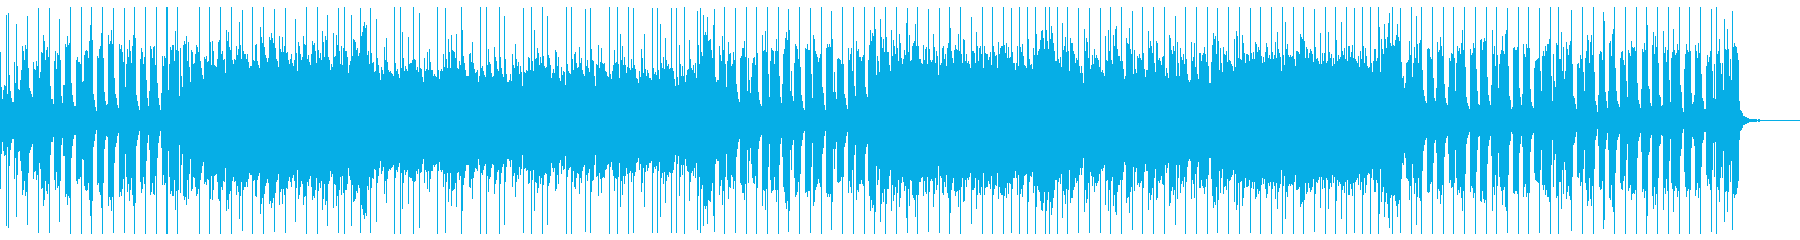 軽快で爽やかなギターポップスロックの再生済みの波形